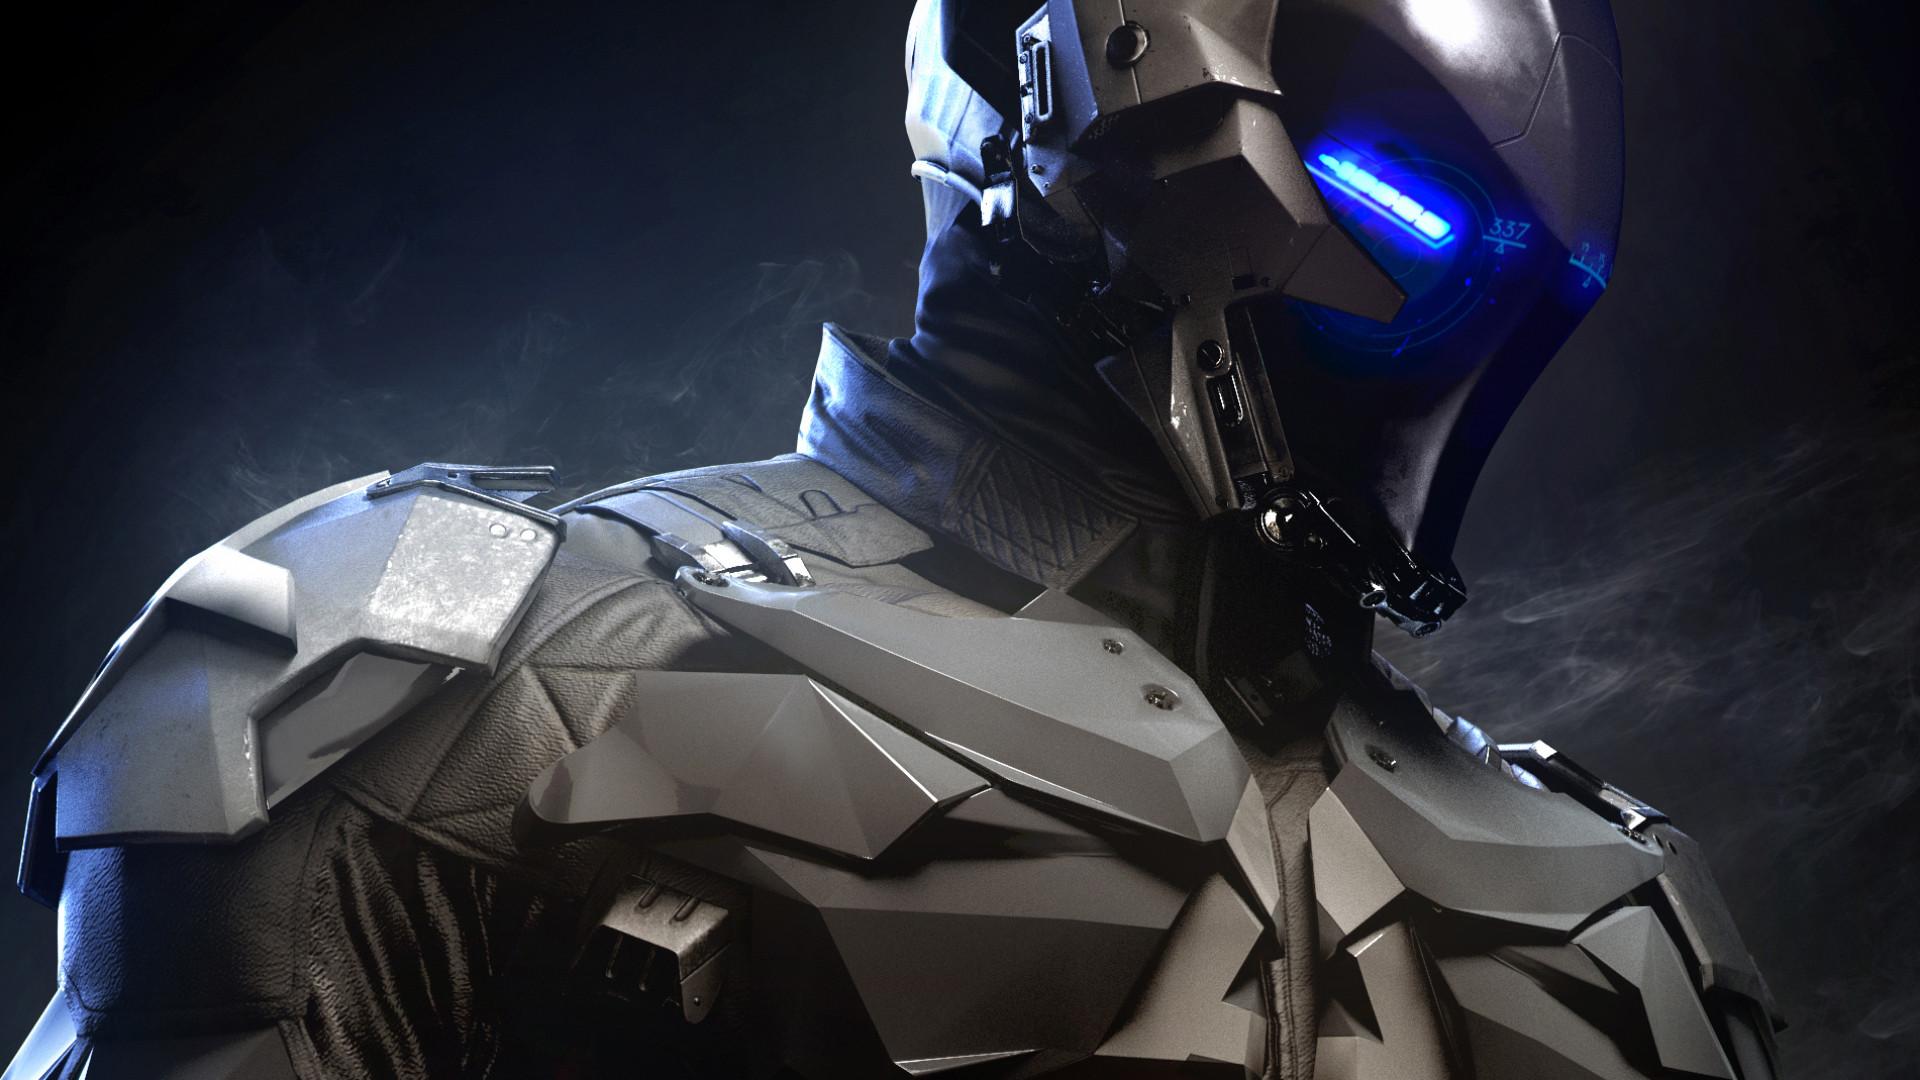 Res: 1920x1080, Batman Wallpaper Hd 1080p Batman new villain arkham